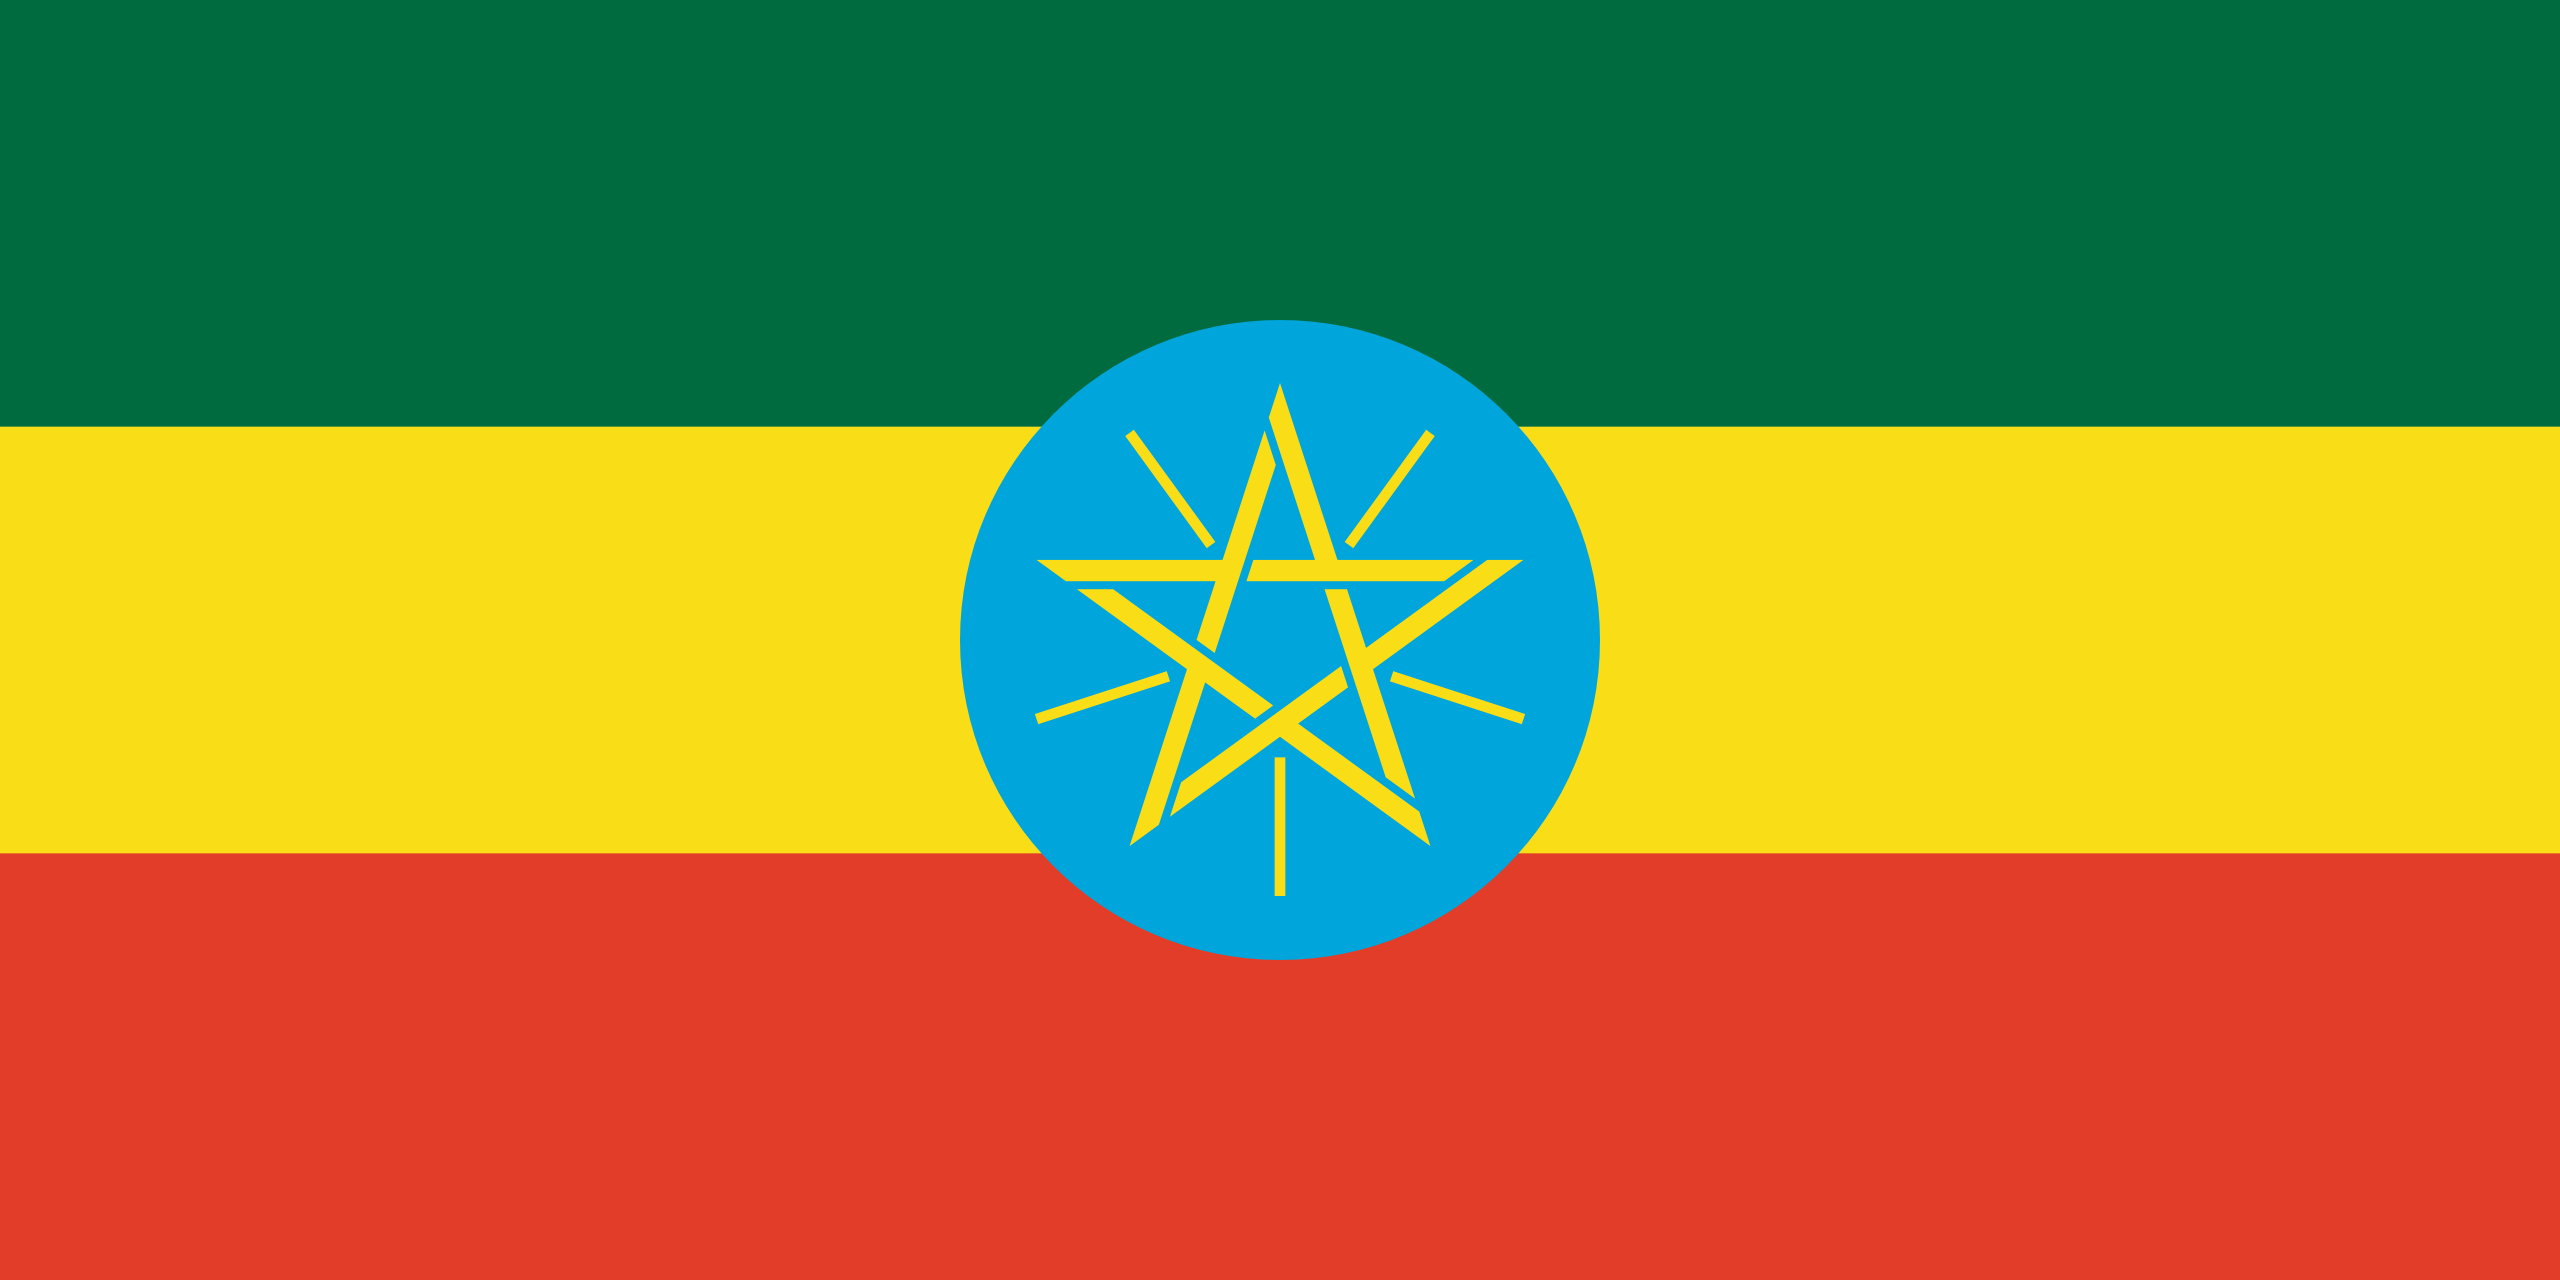 etiopía, 国家, 会徽, 徽标, 符号 - 高清壁纸 - 教授-falken.com